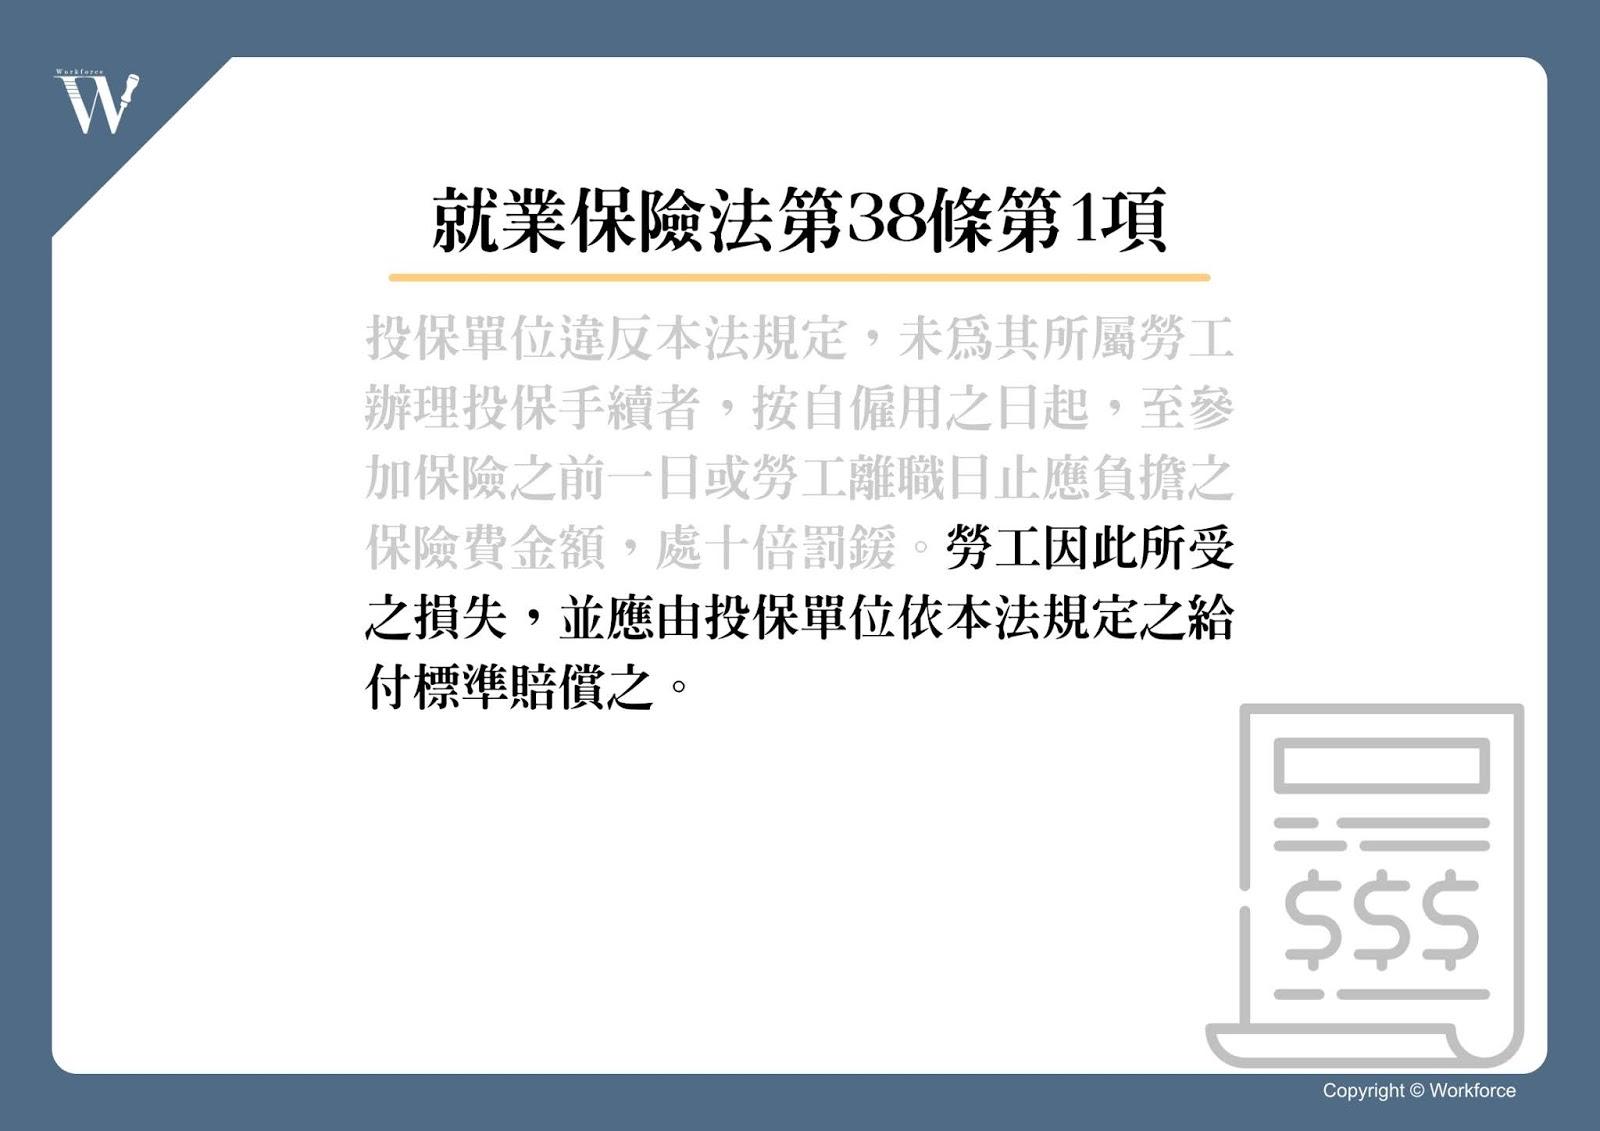 就業保險法第38條第1項